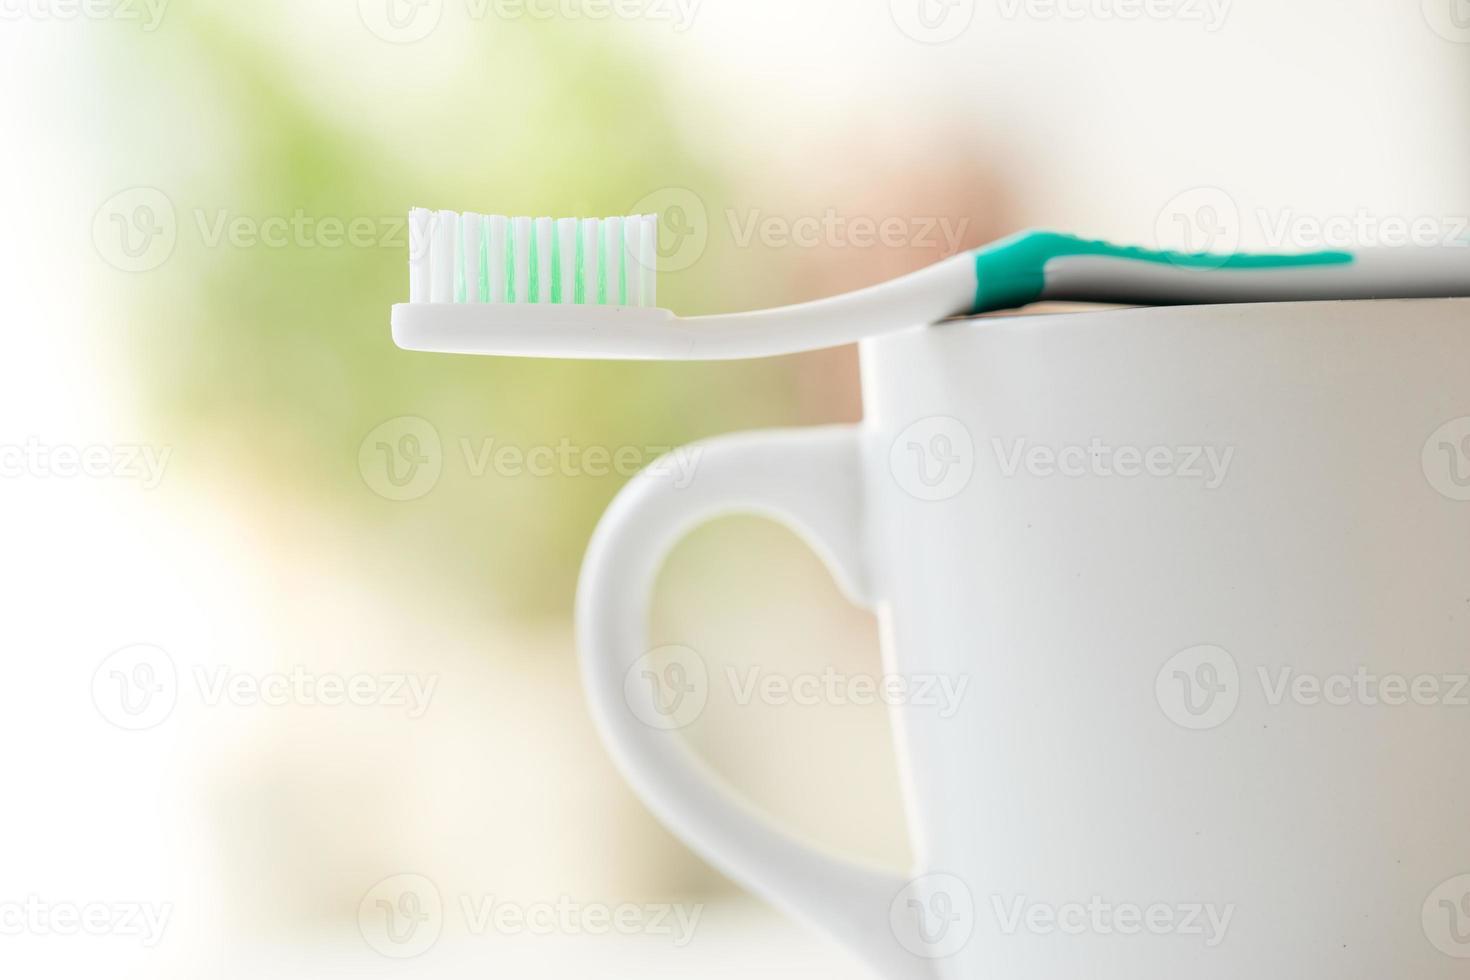 juego de cepillos de dientes para el cuidado dental foto